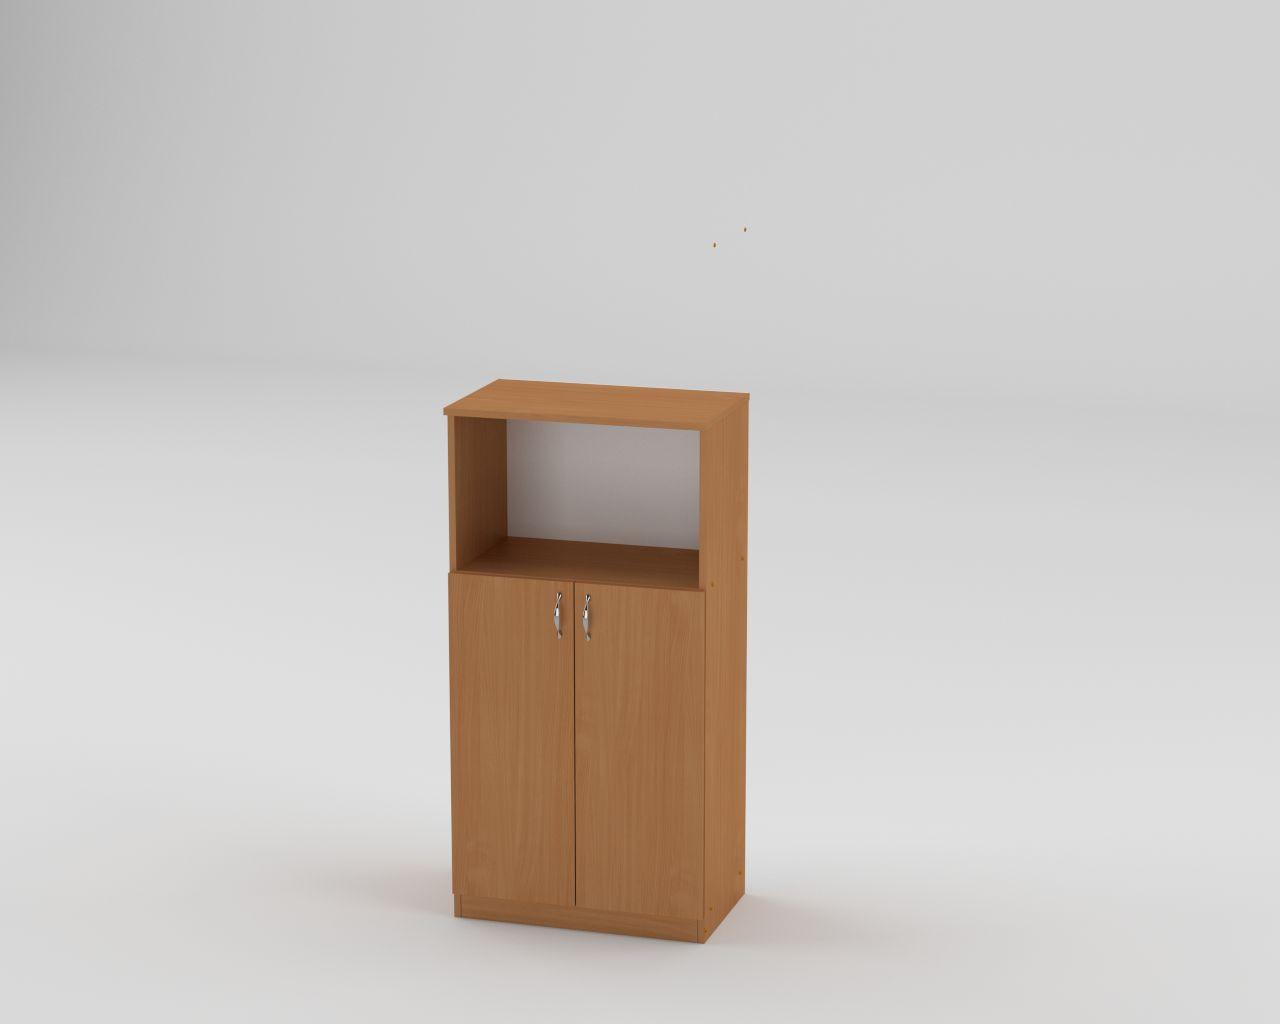 Шкаф пенал низкий с полками для книг и документов КШ-15 с нишей высота 120 см и ширина 60 см МФ Компанит